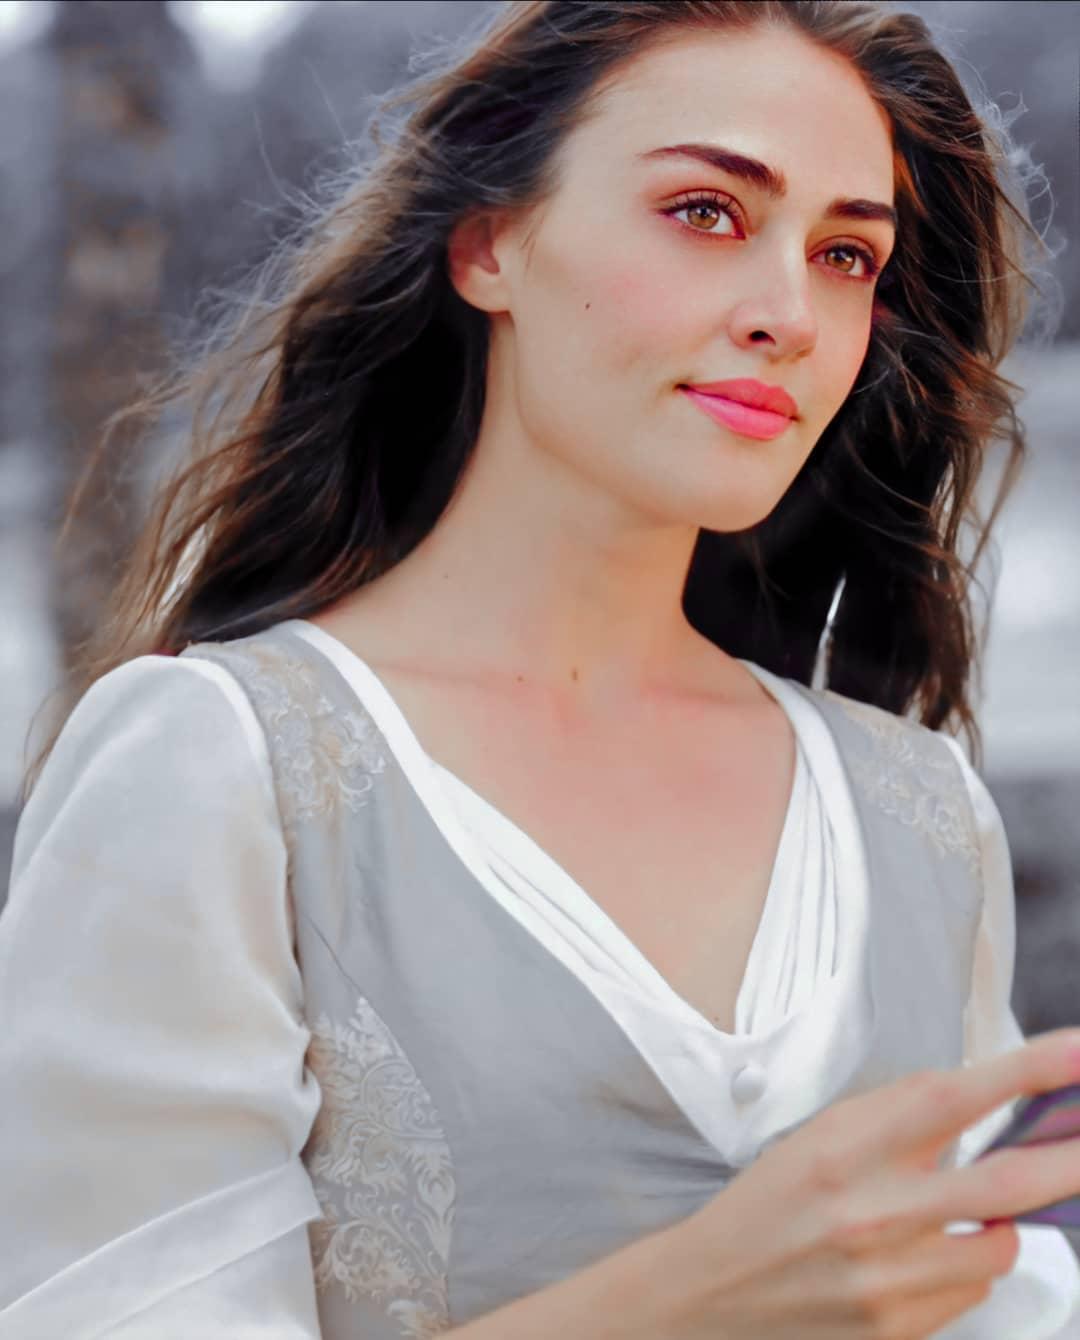 10 Beautiful Pictures of Esra Bilgic